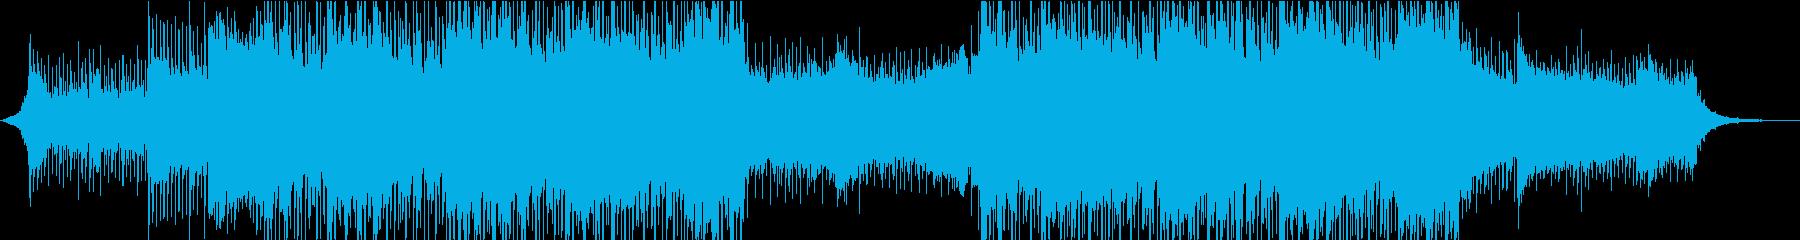 綺麗で透明感のあるコーポレート系BGMの再生済みの波形